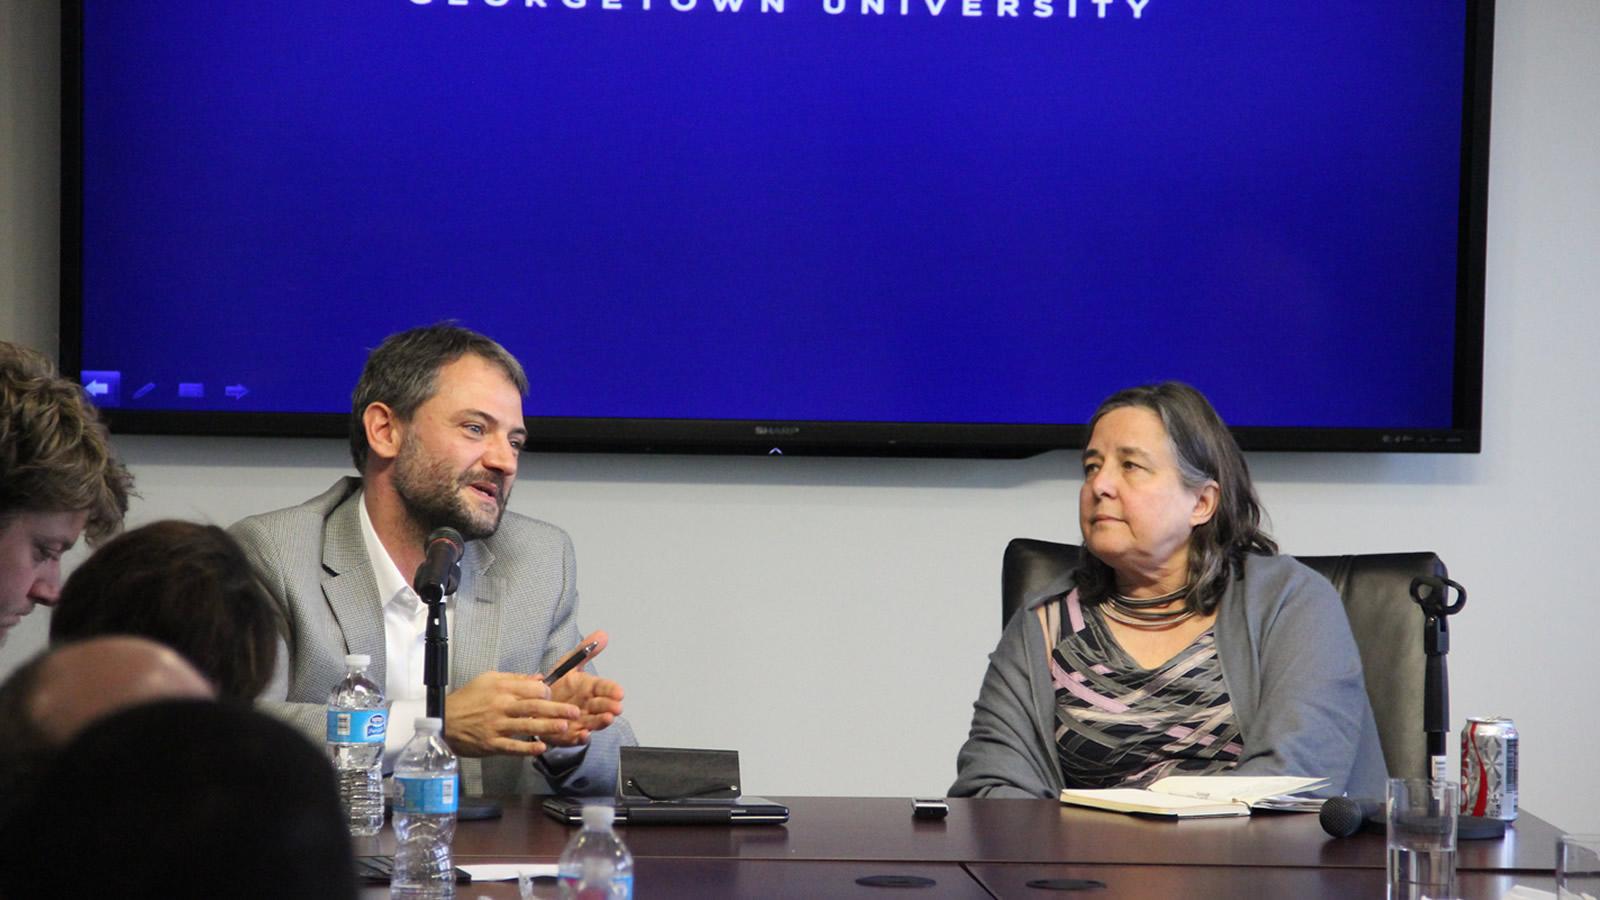 Mauro Garofalo discusses the peacebuilding work of Sant'Egidio.